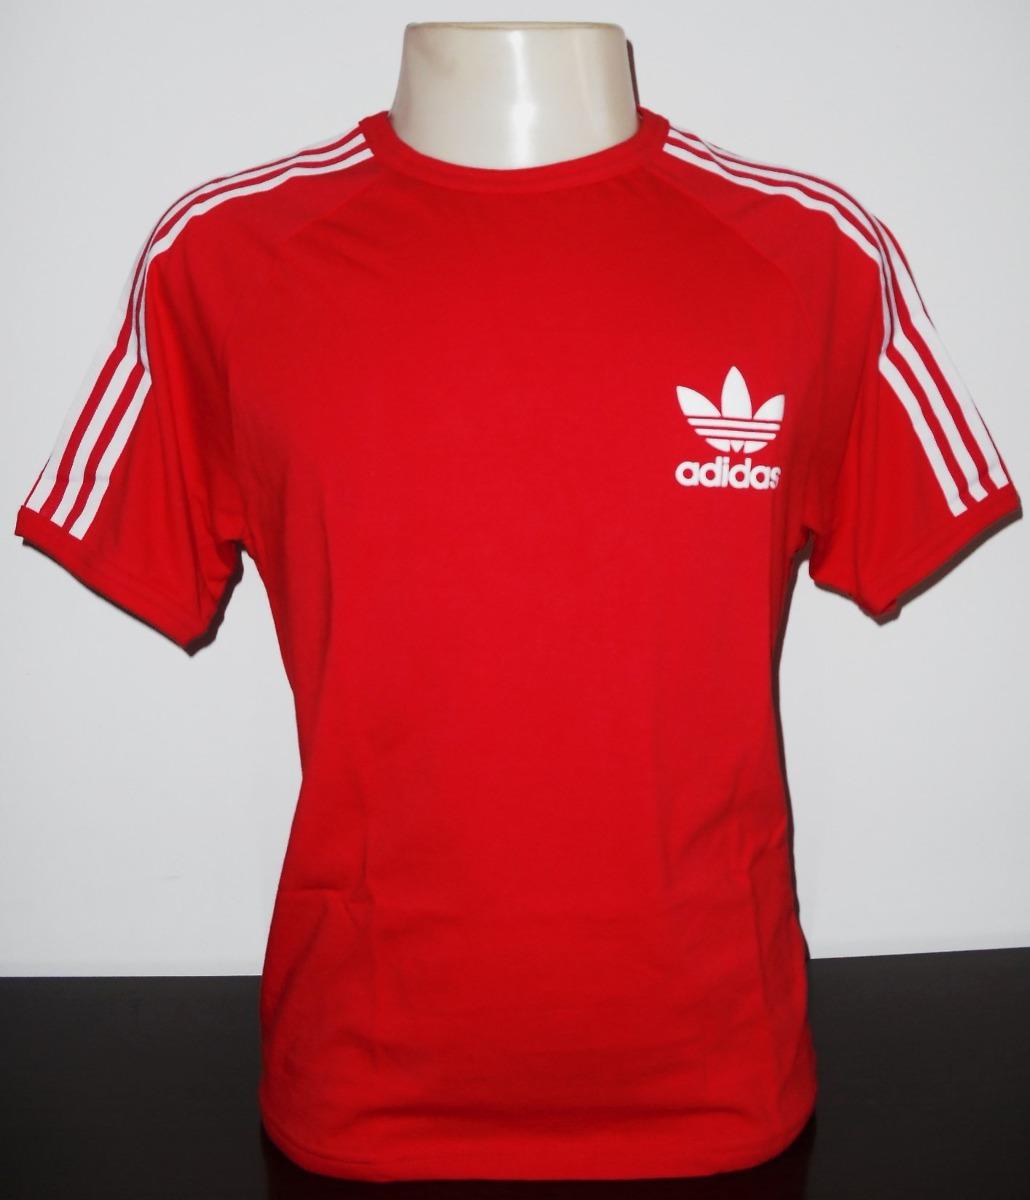 bdb462dd0e camisa adidas originals vintage retro nova vermelha. Carregando zoom.